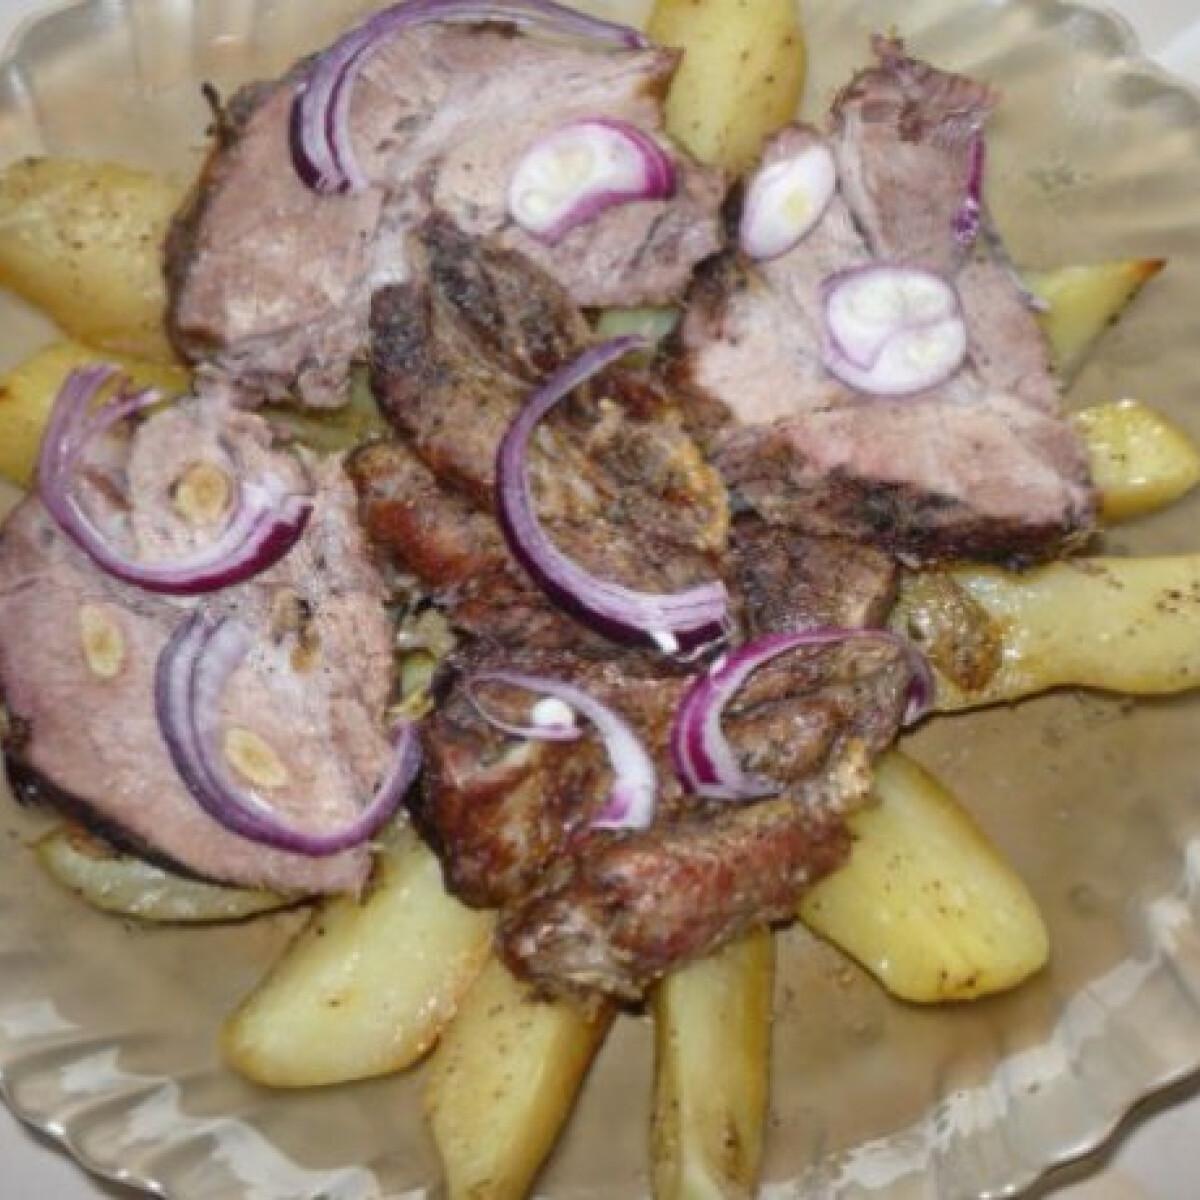 Ezen a képen: Fokhagymával tűzdelt fűszeres tarja vele sült burgonyával